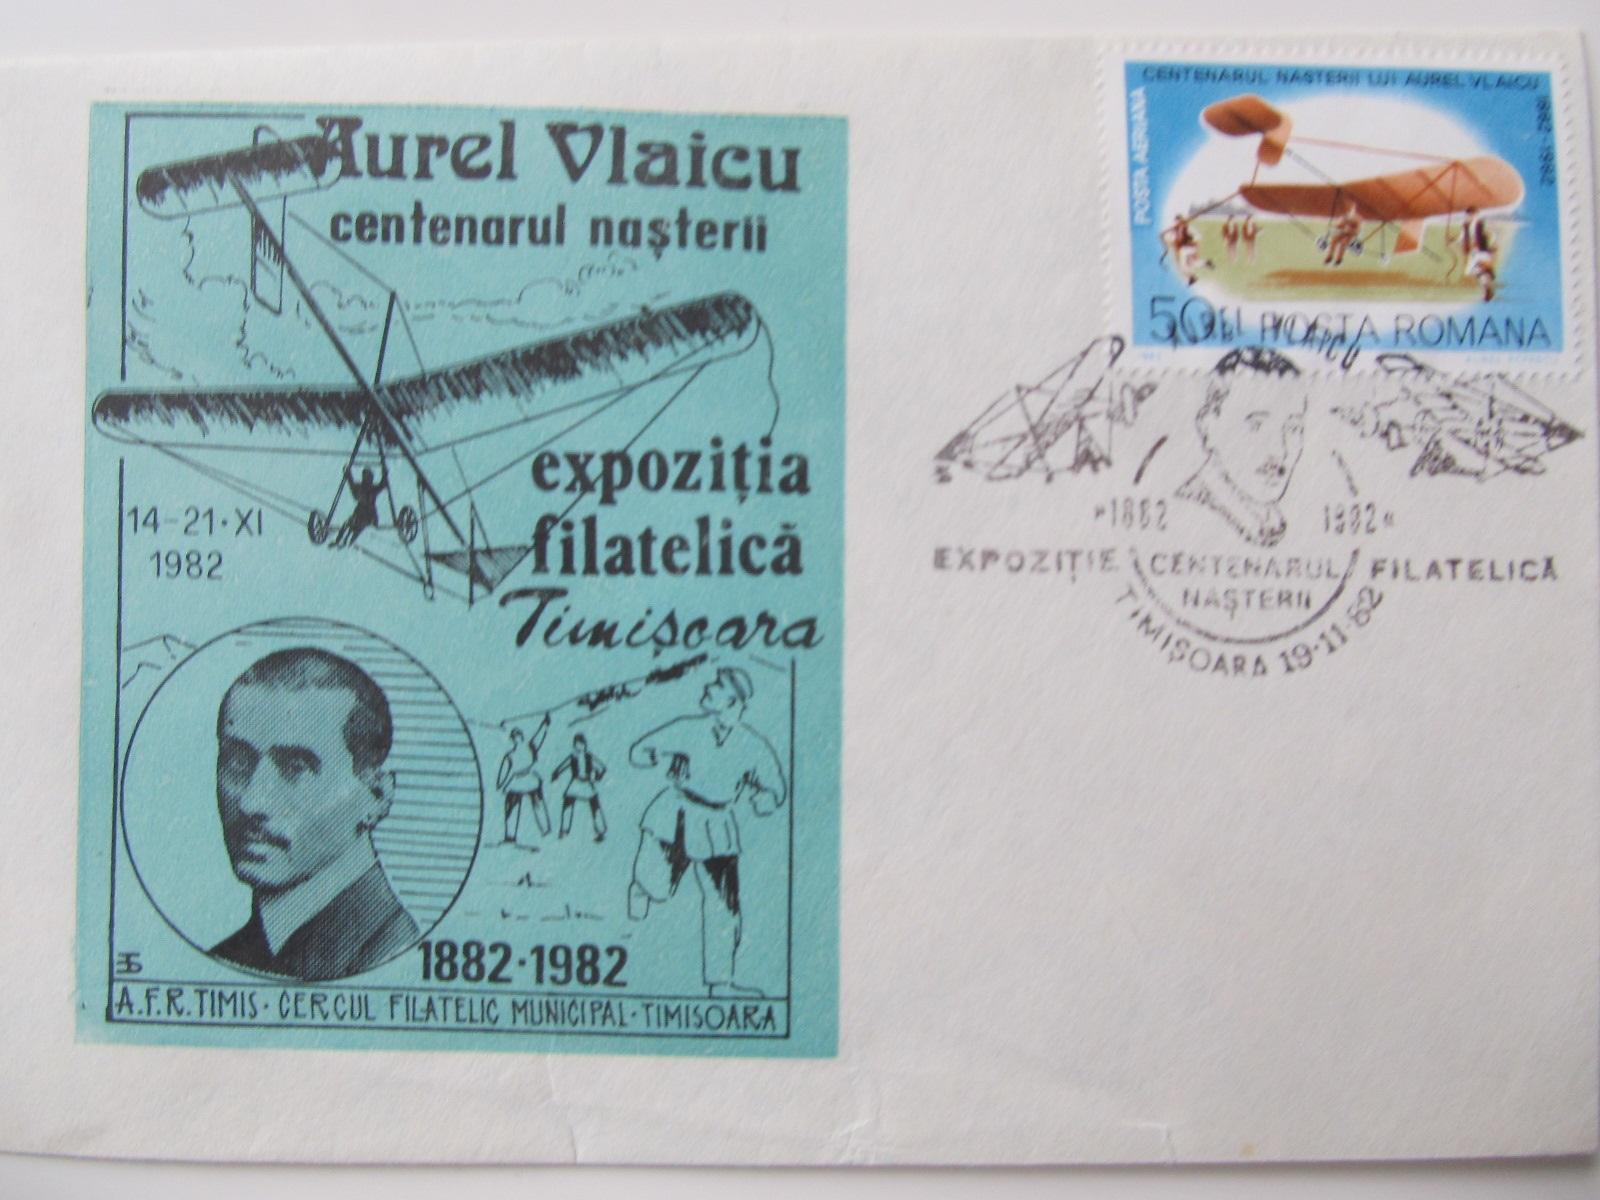 2 plic omagial , Centenarul nasterii lui Aurel Vlaicu , 1982 Timisoara